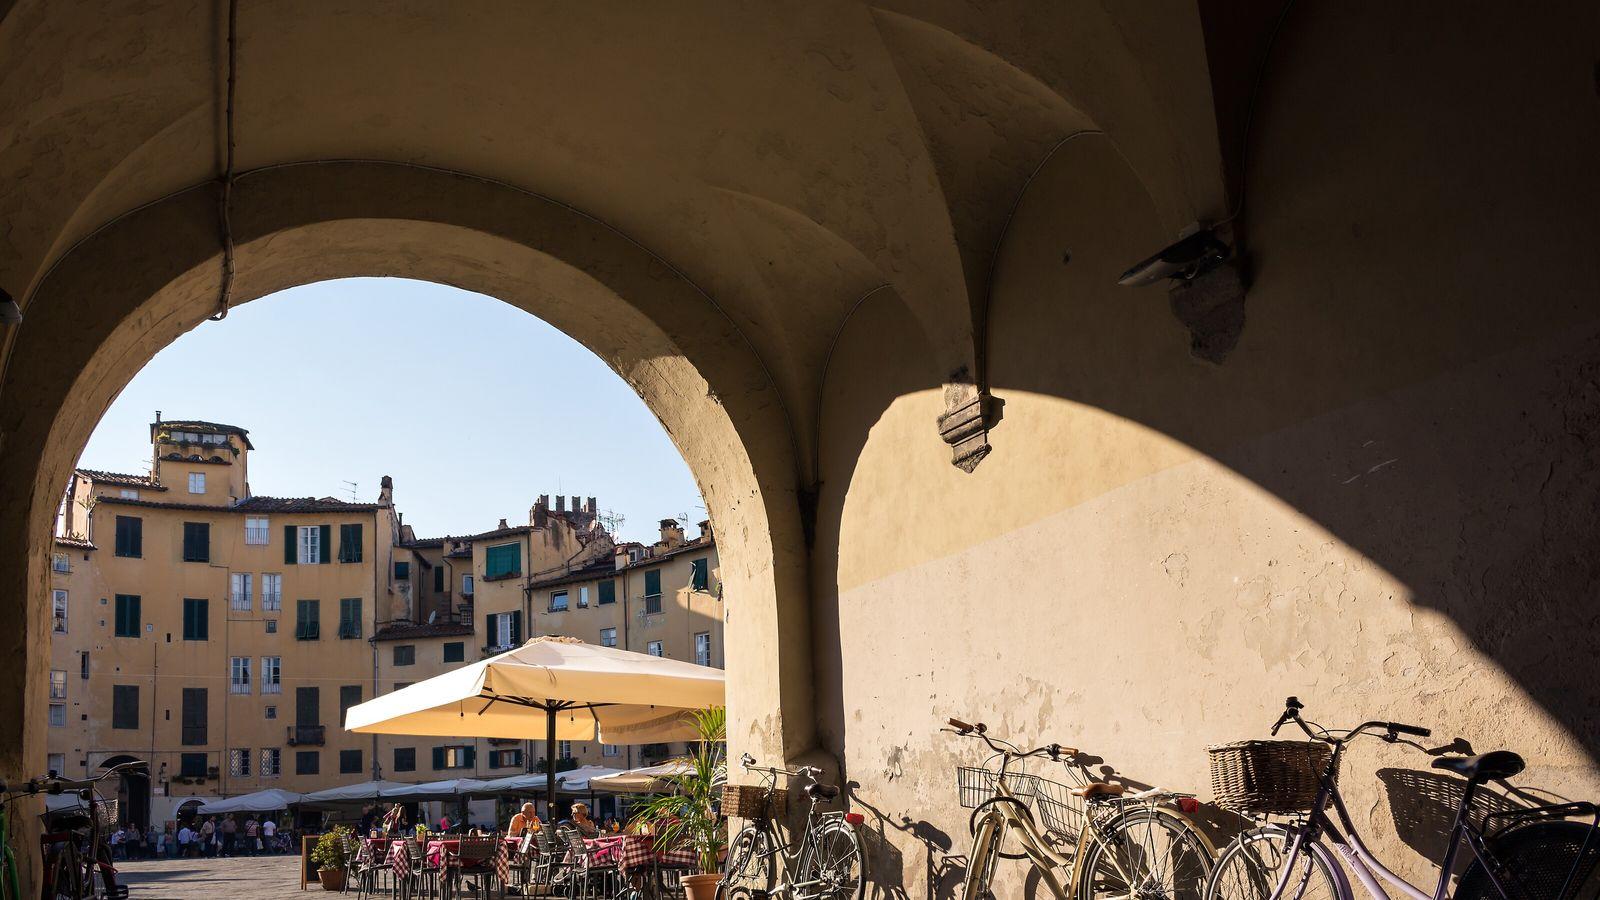 Die Piazza dell'Anfiteatro mit ihren Straßencafés ist durch vier große Rundbögen zugänglich.